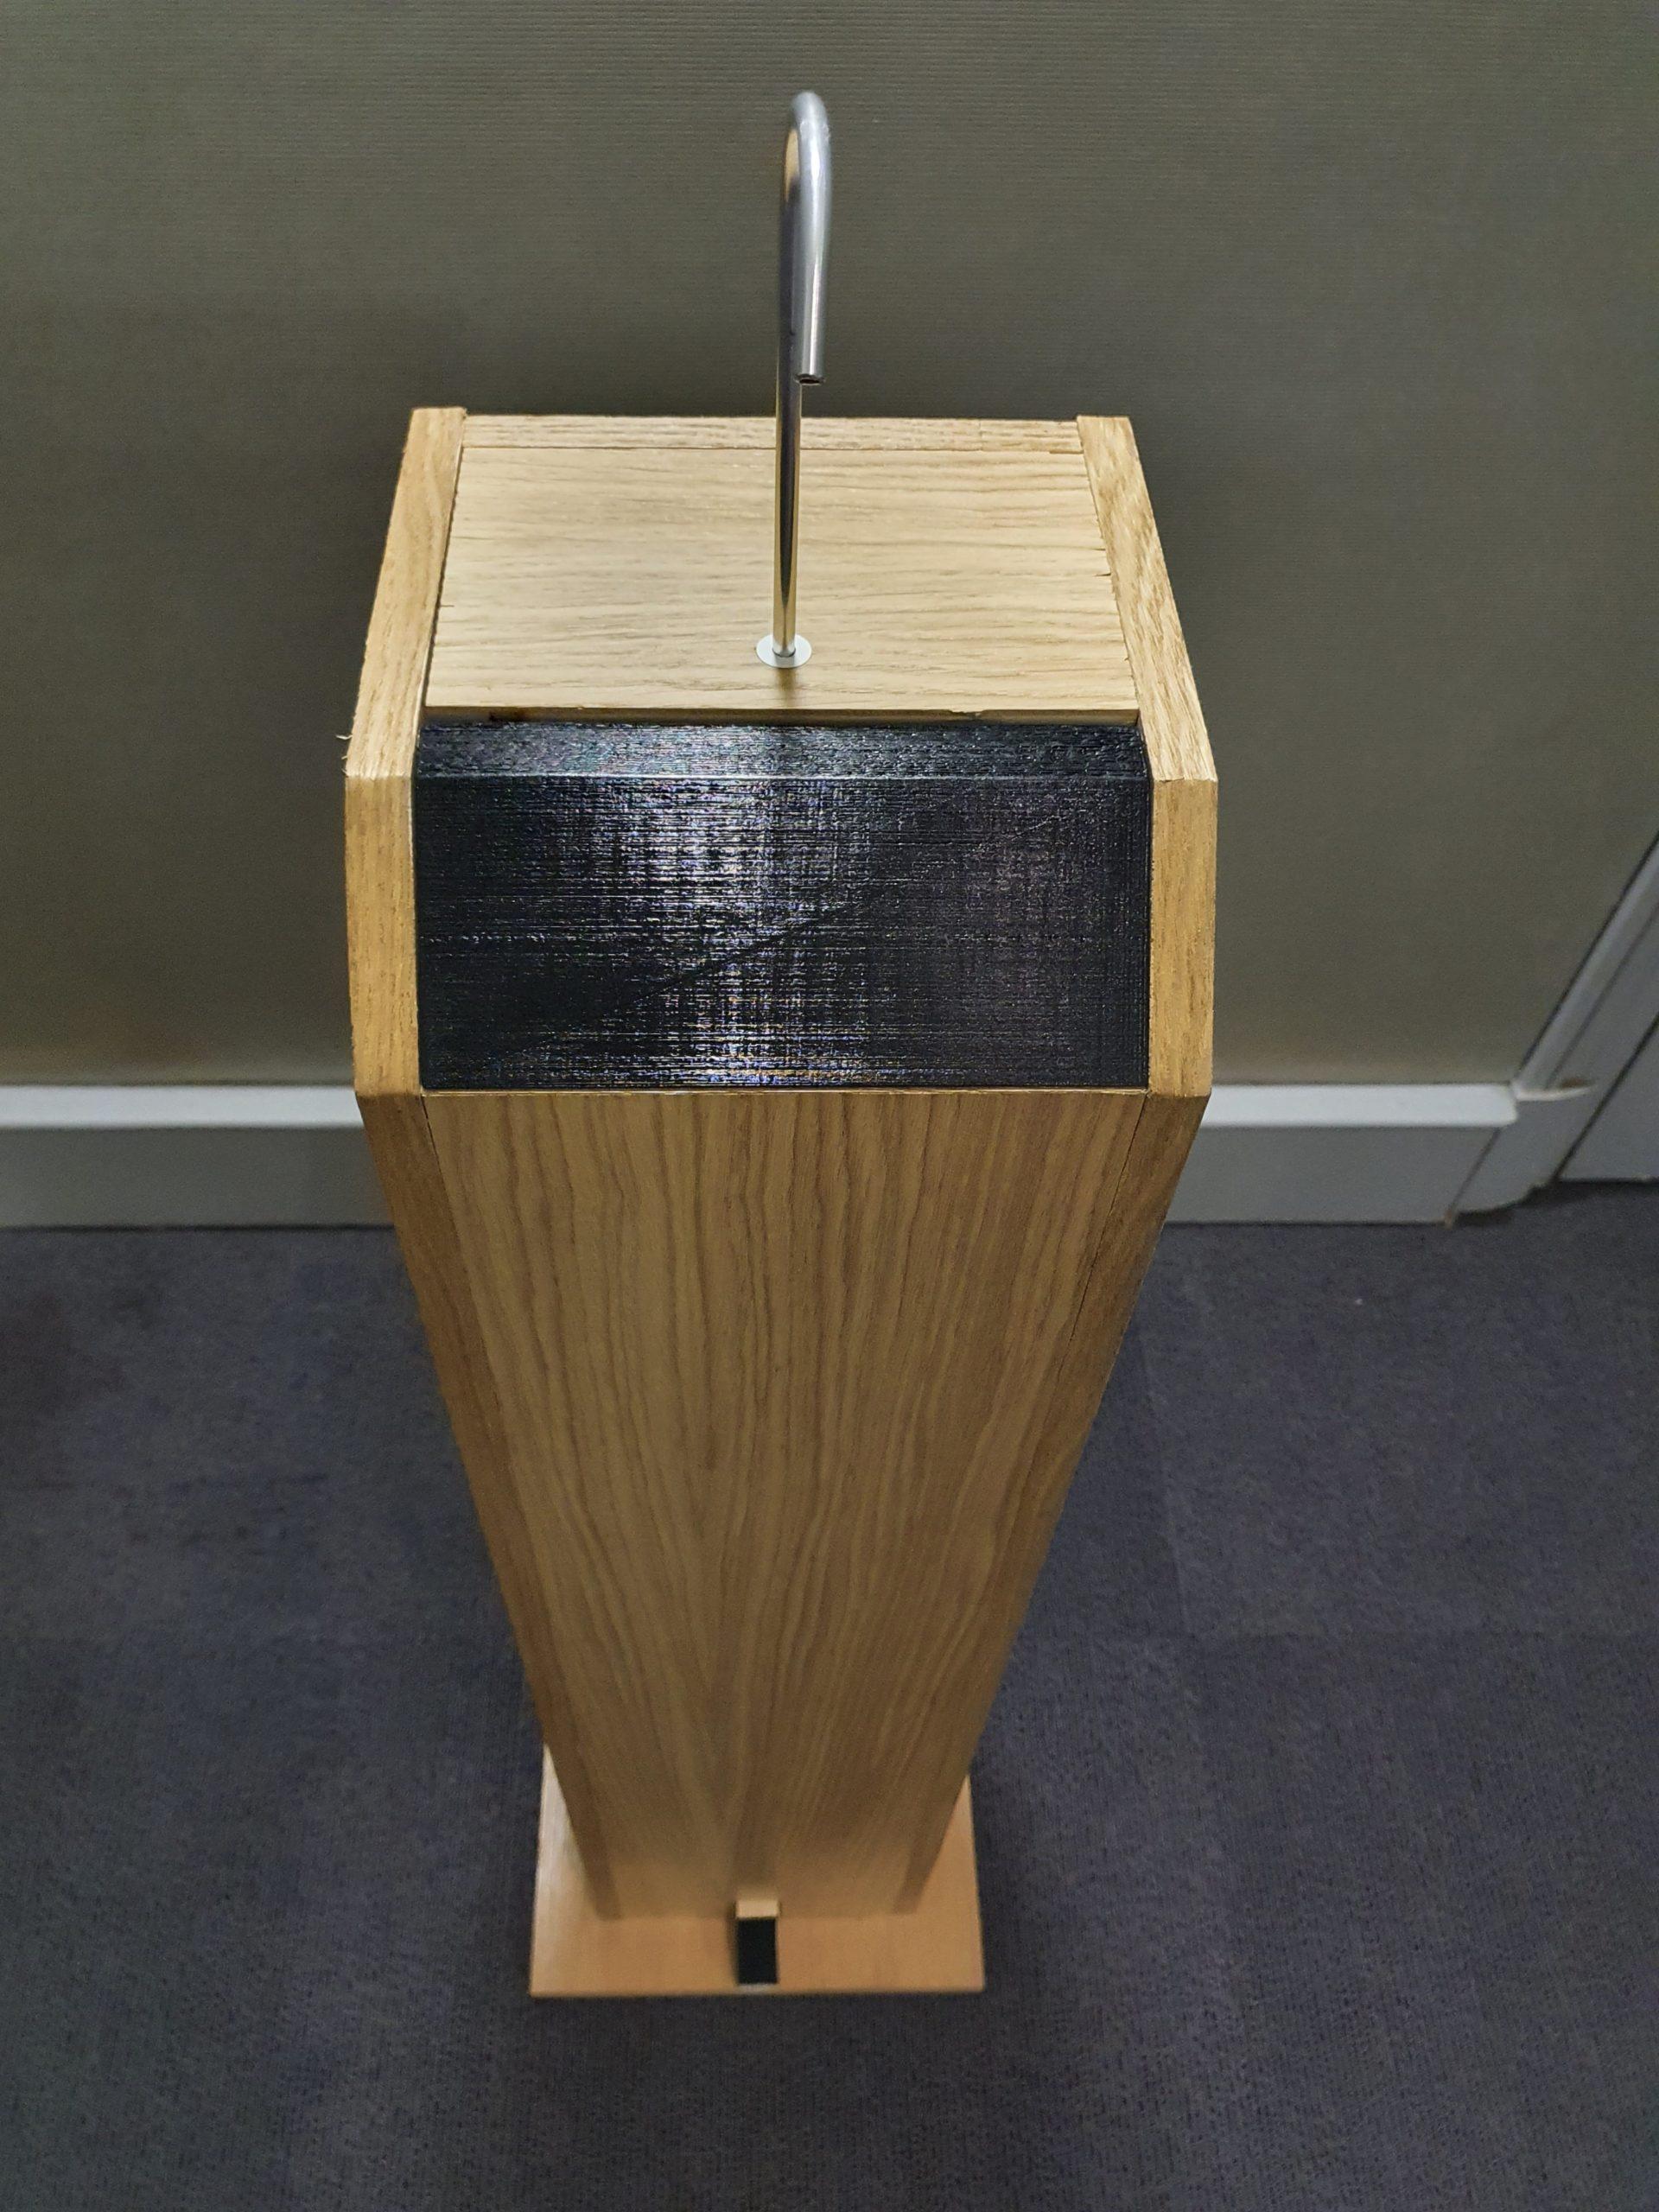 Gégé distributeur totem de gel hydroalcoolique en bois grande capacité 5L sans contact et autonome vue plongeante